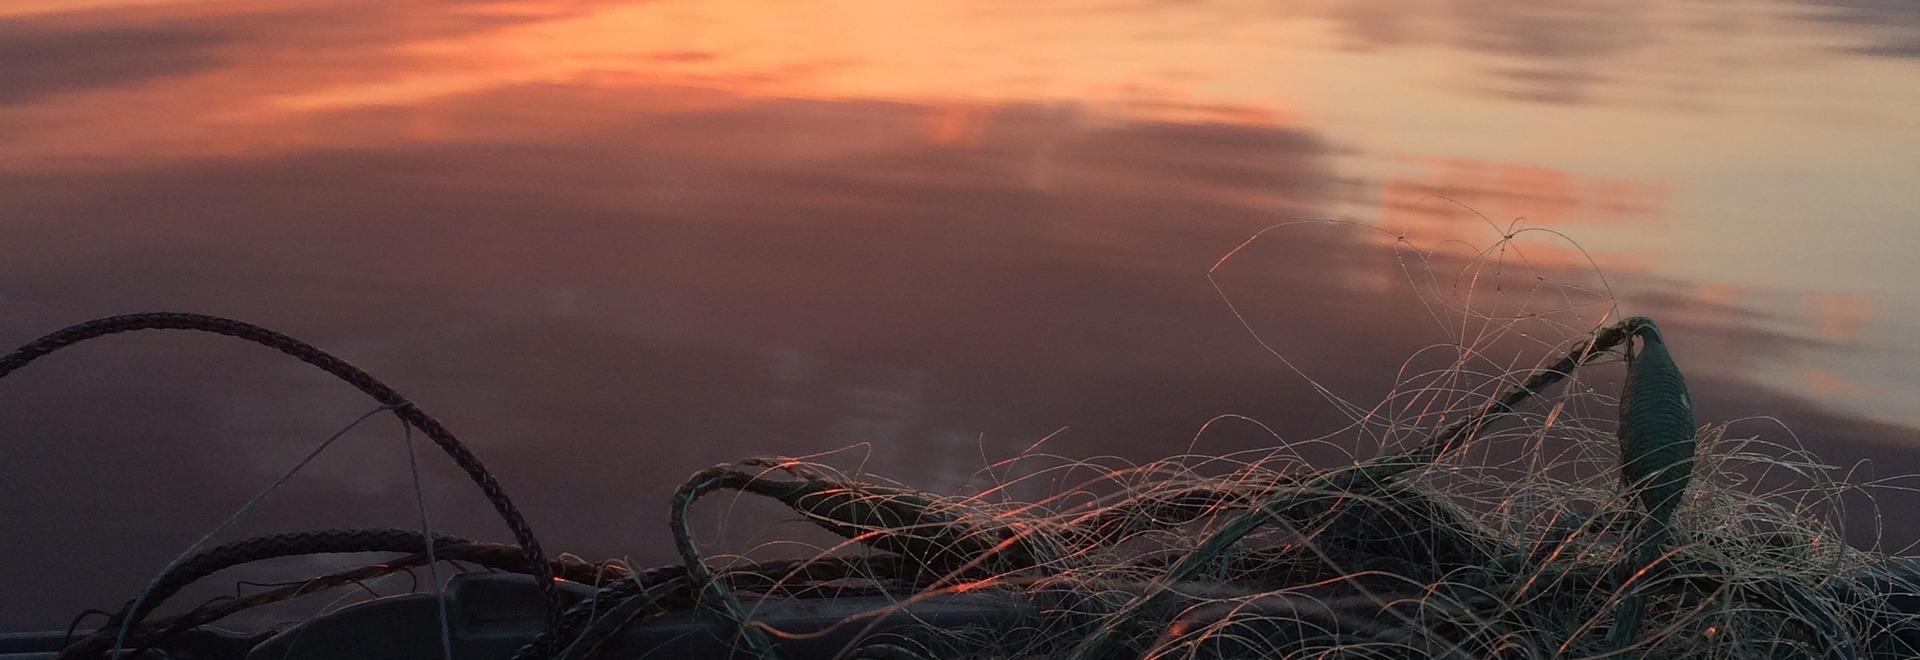 Soluppgång utanför Österskär